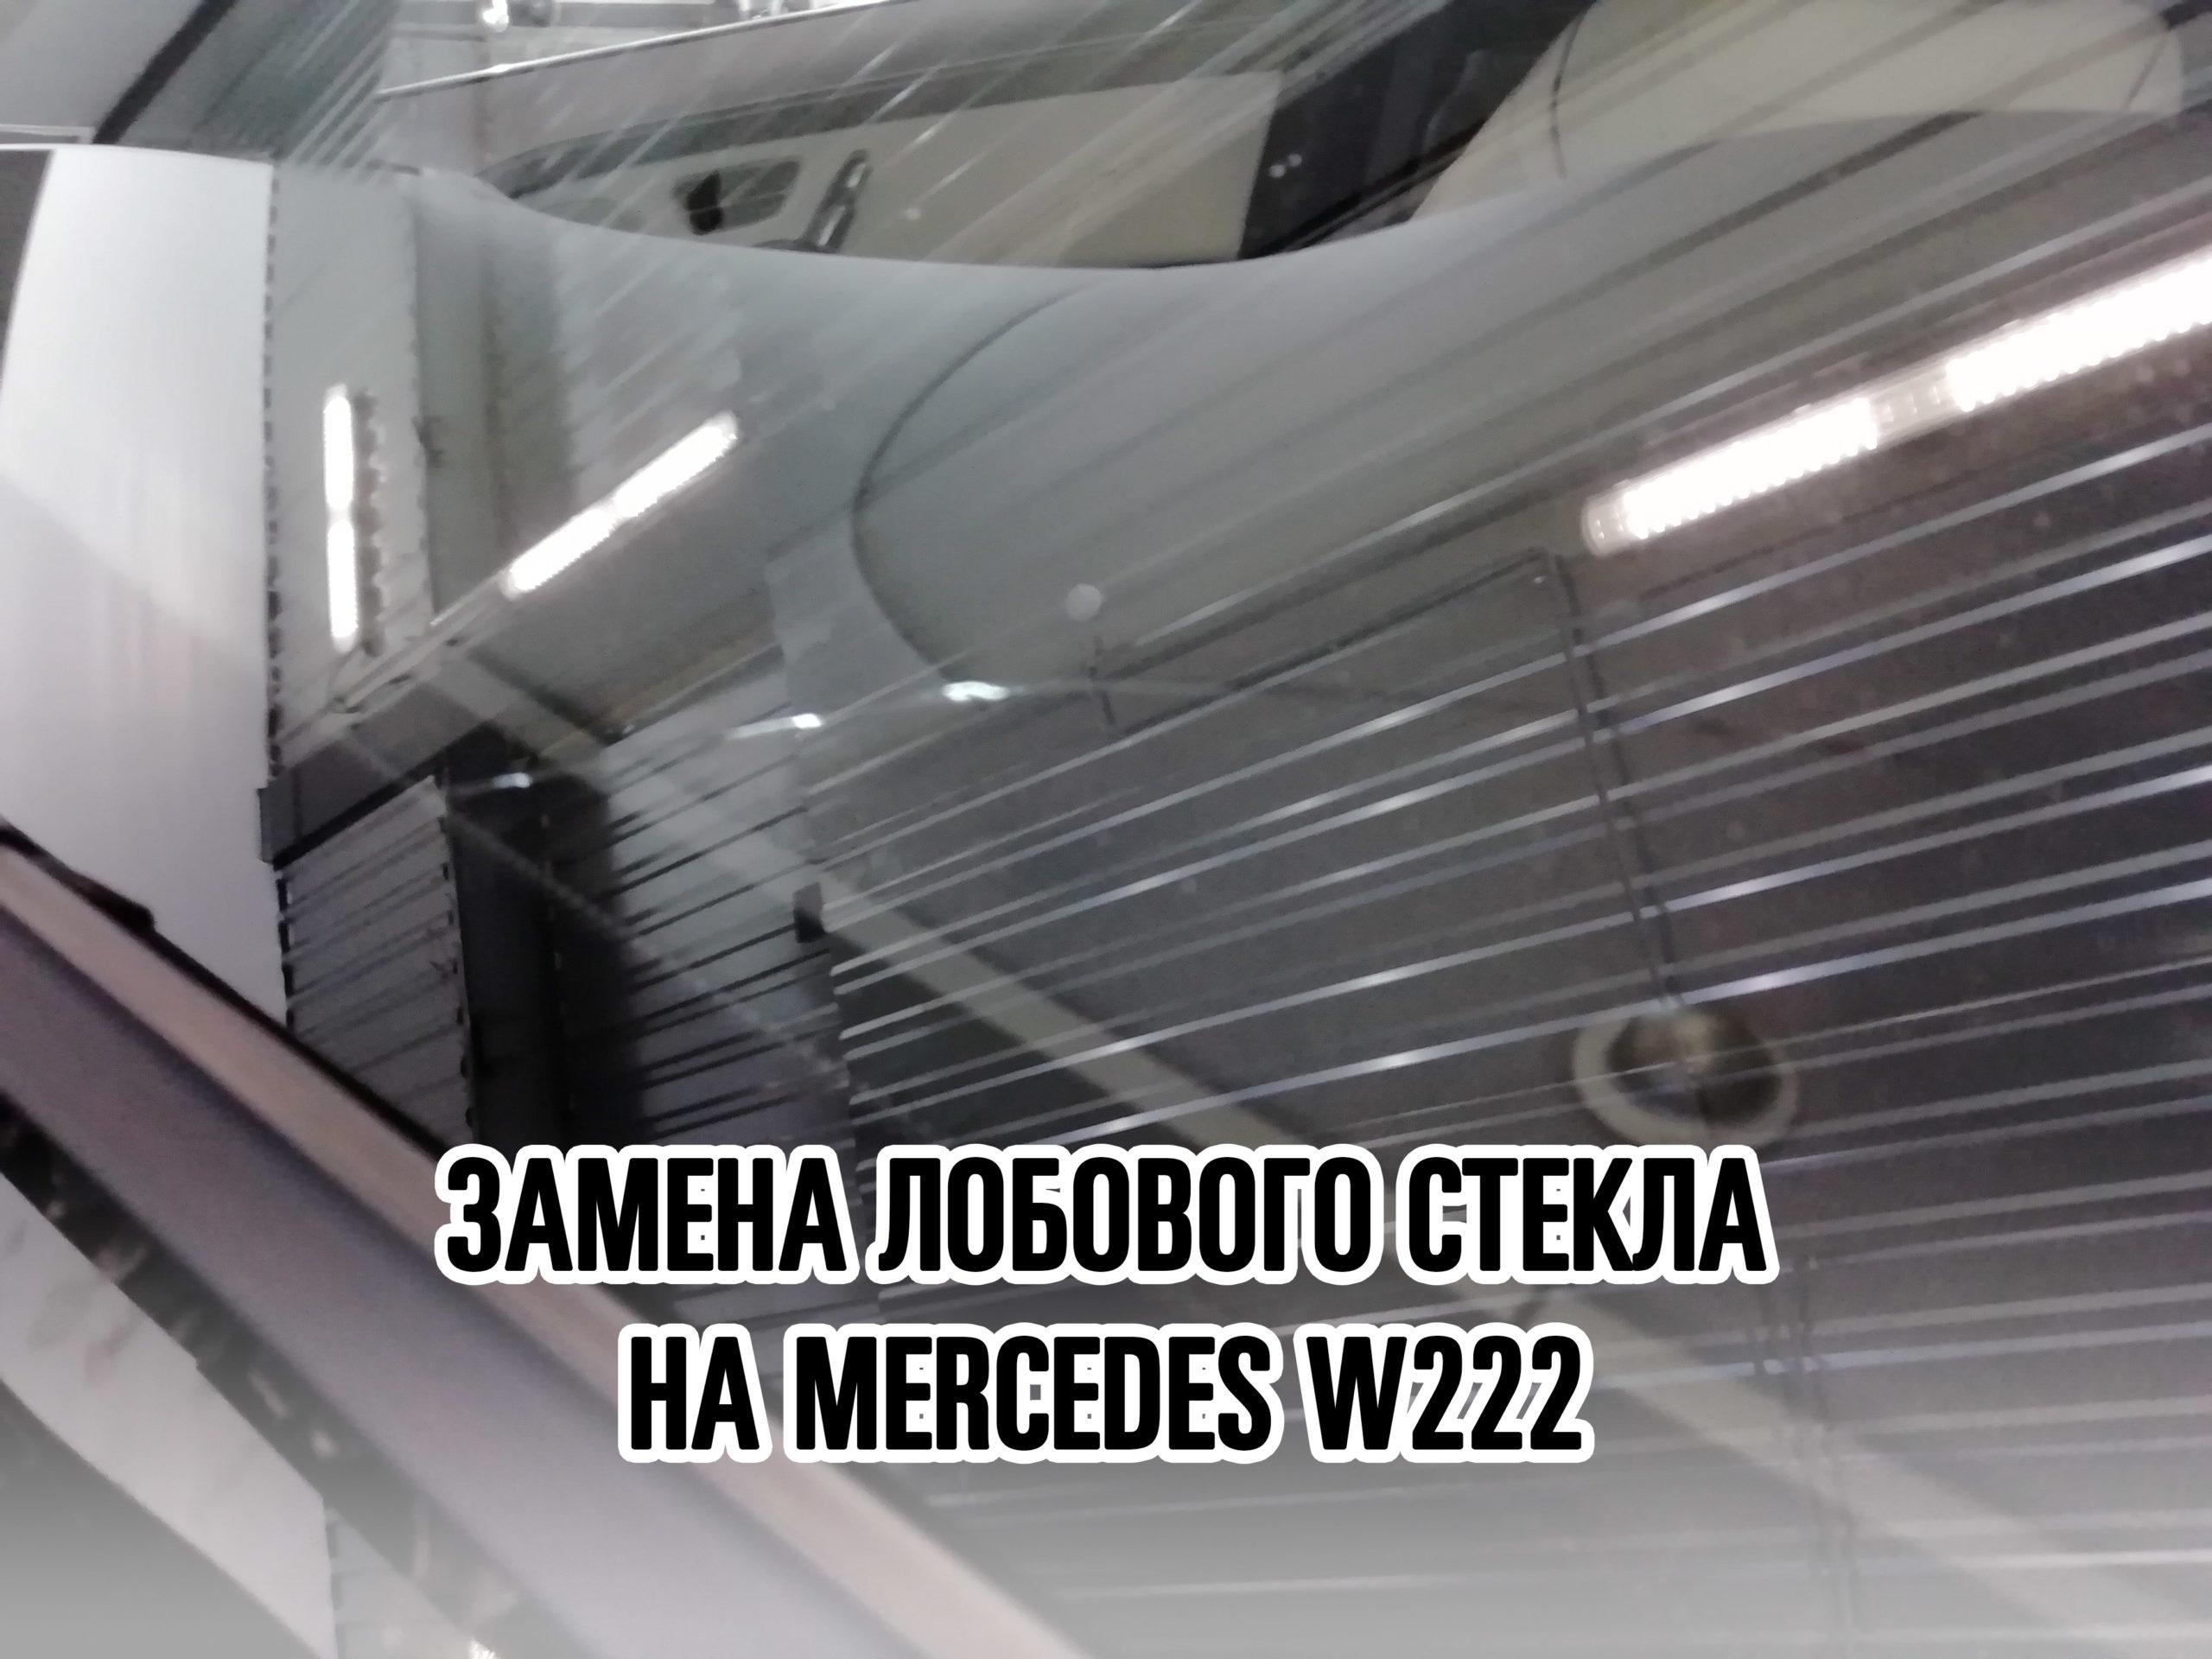 Лобовое стекло на MERCEDES W222 - купить и установить в Москве